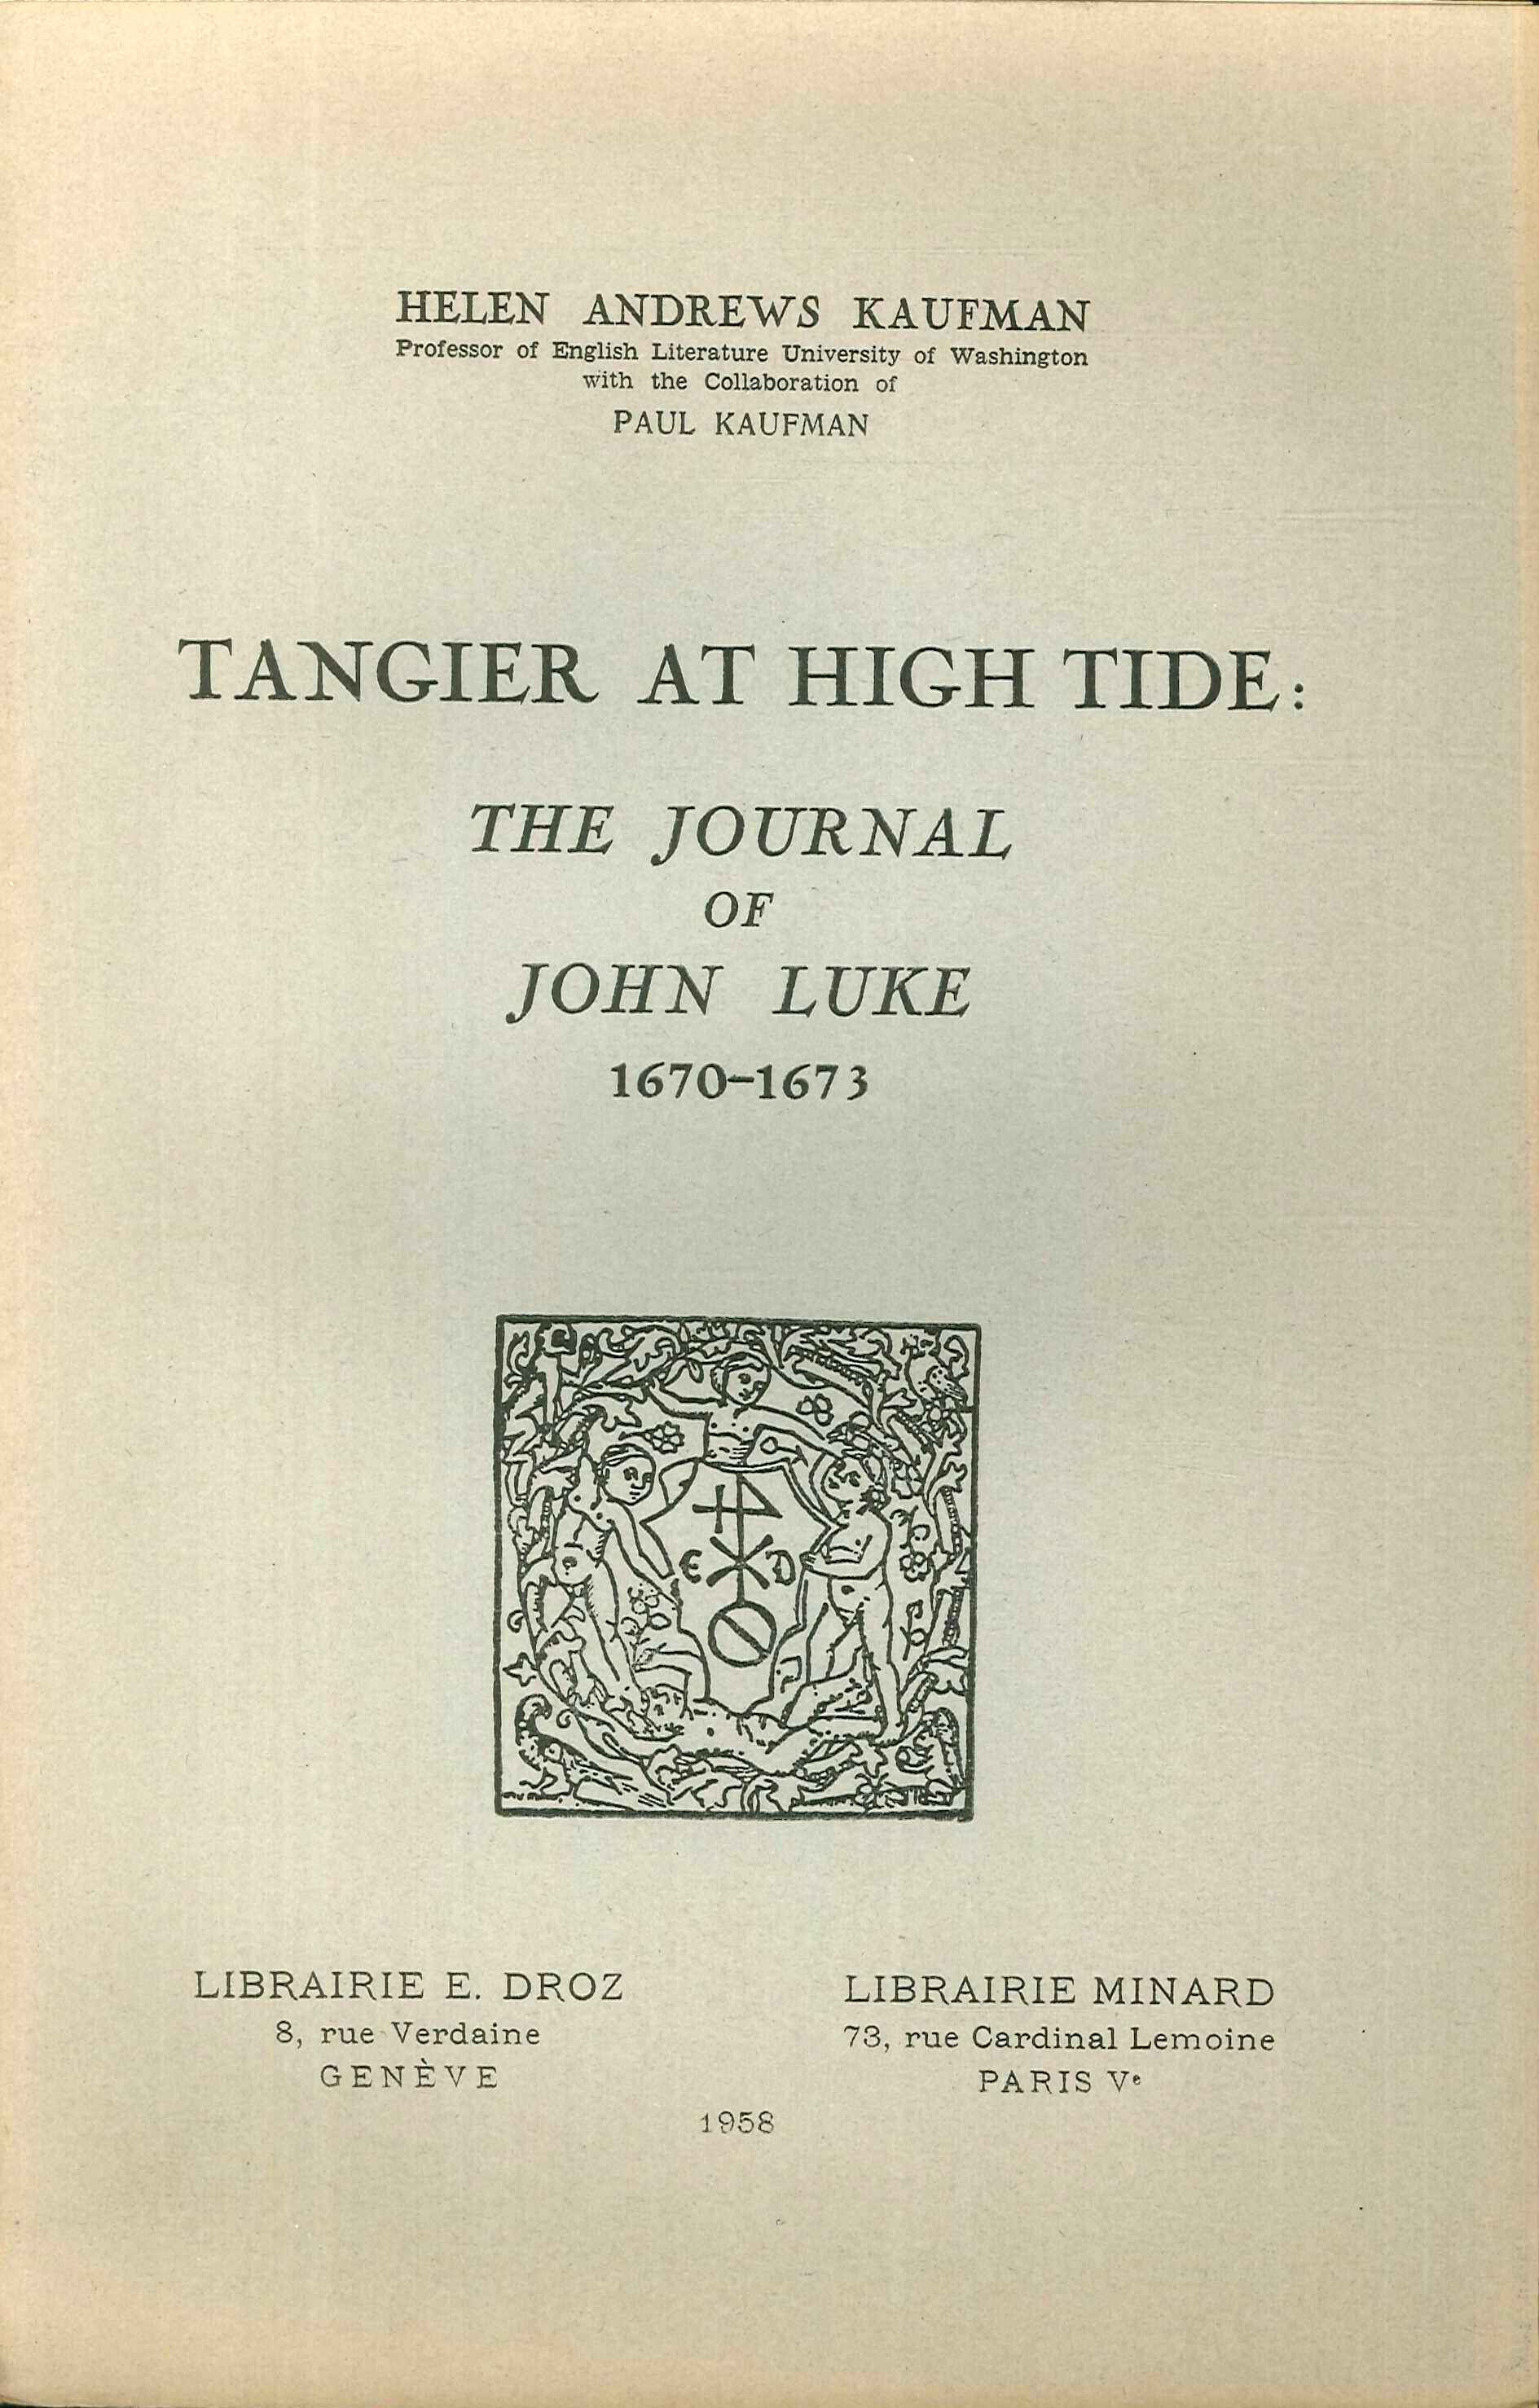 Tangier at High Tide : the Journal of John Luke, 1670-1673